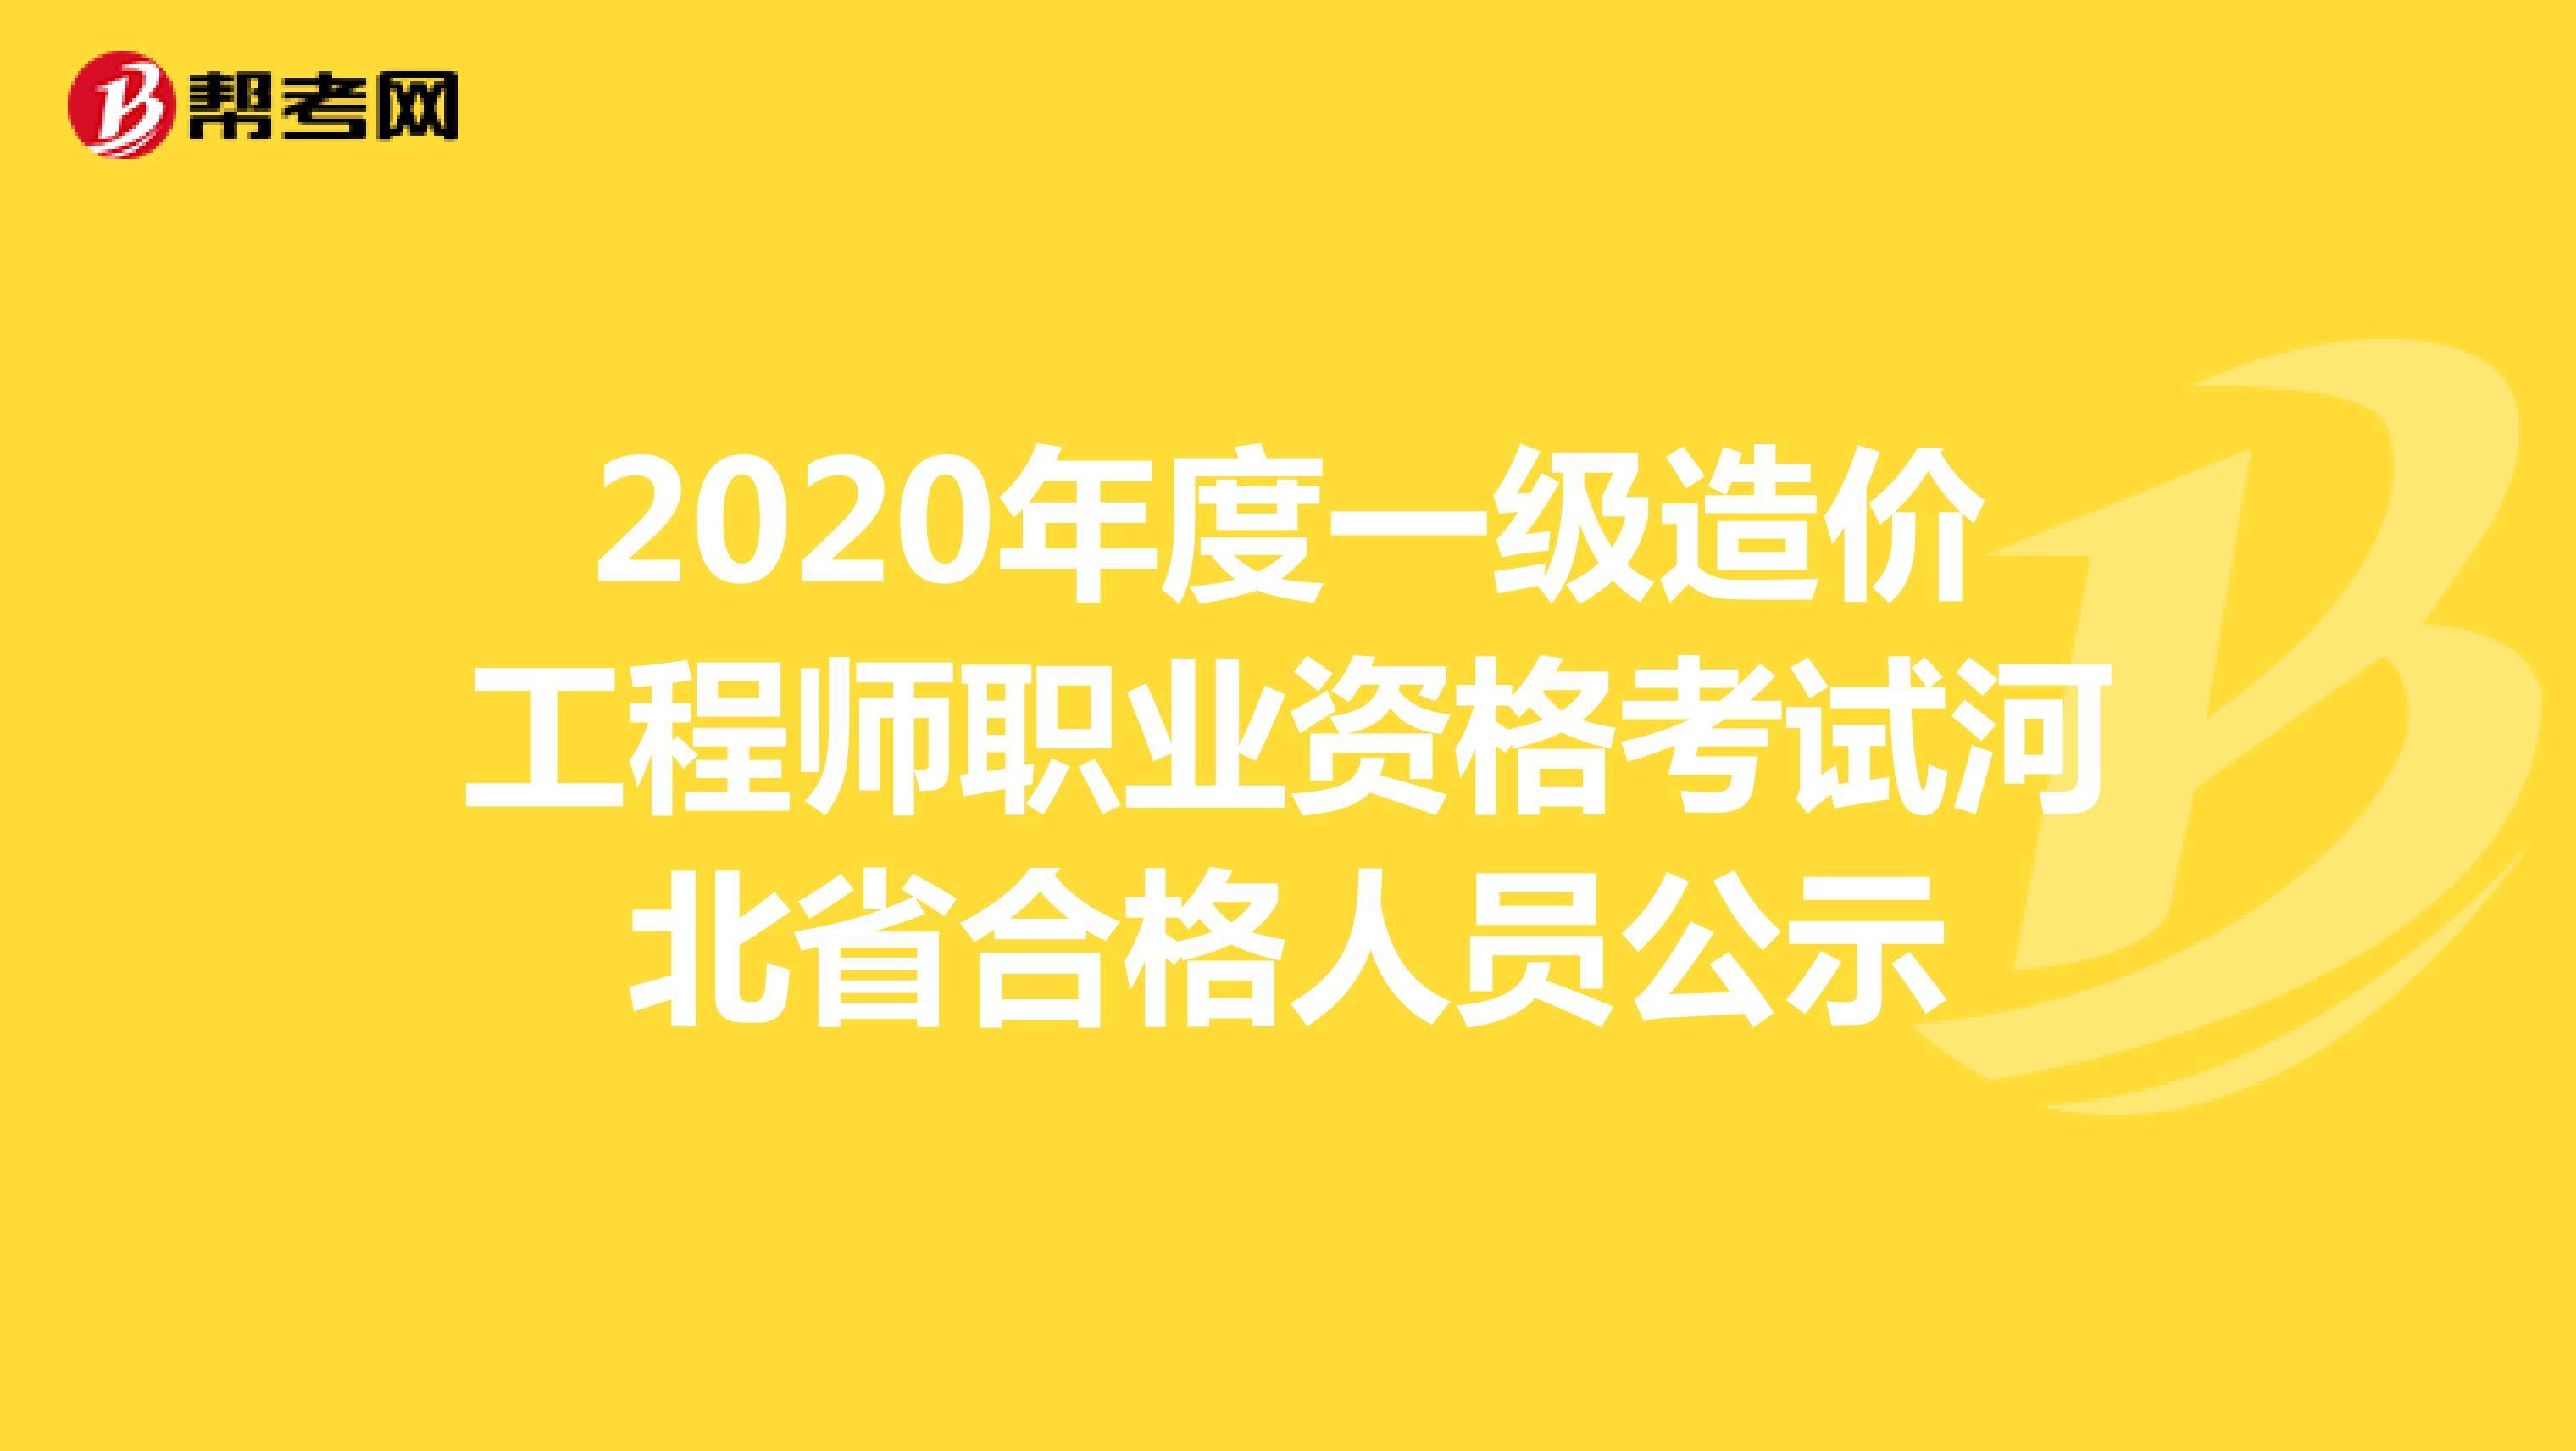 2020年度一級造價工程師職業資格考試河北省合格人員公示